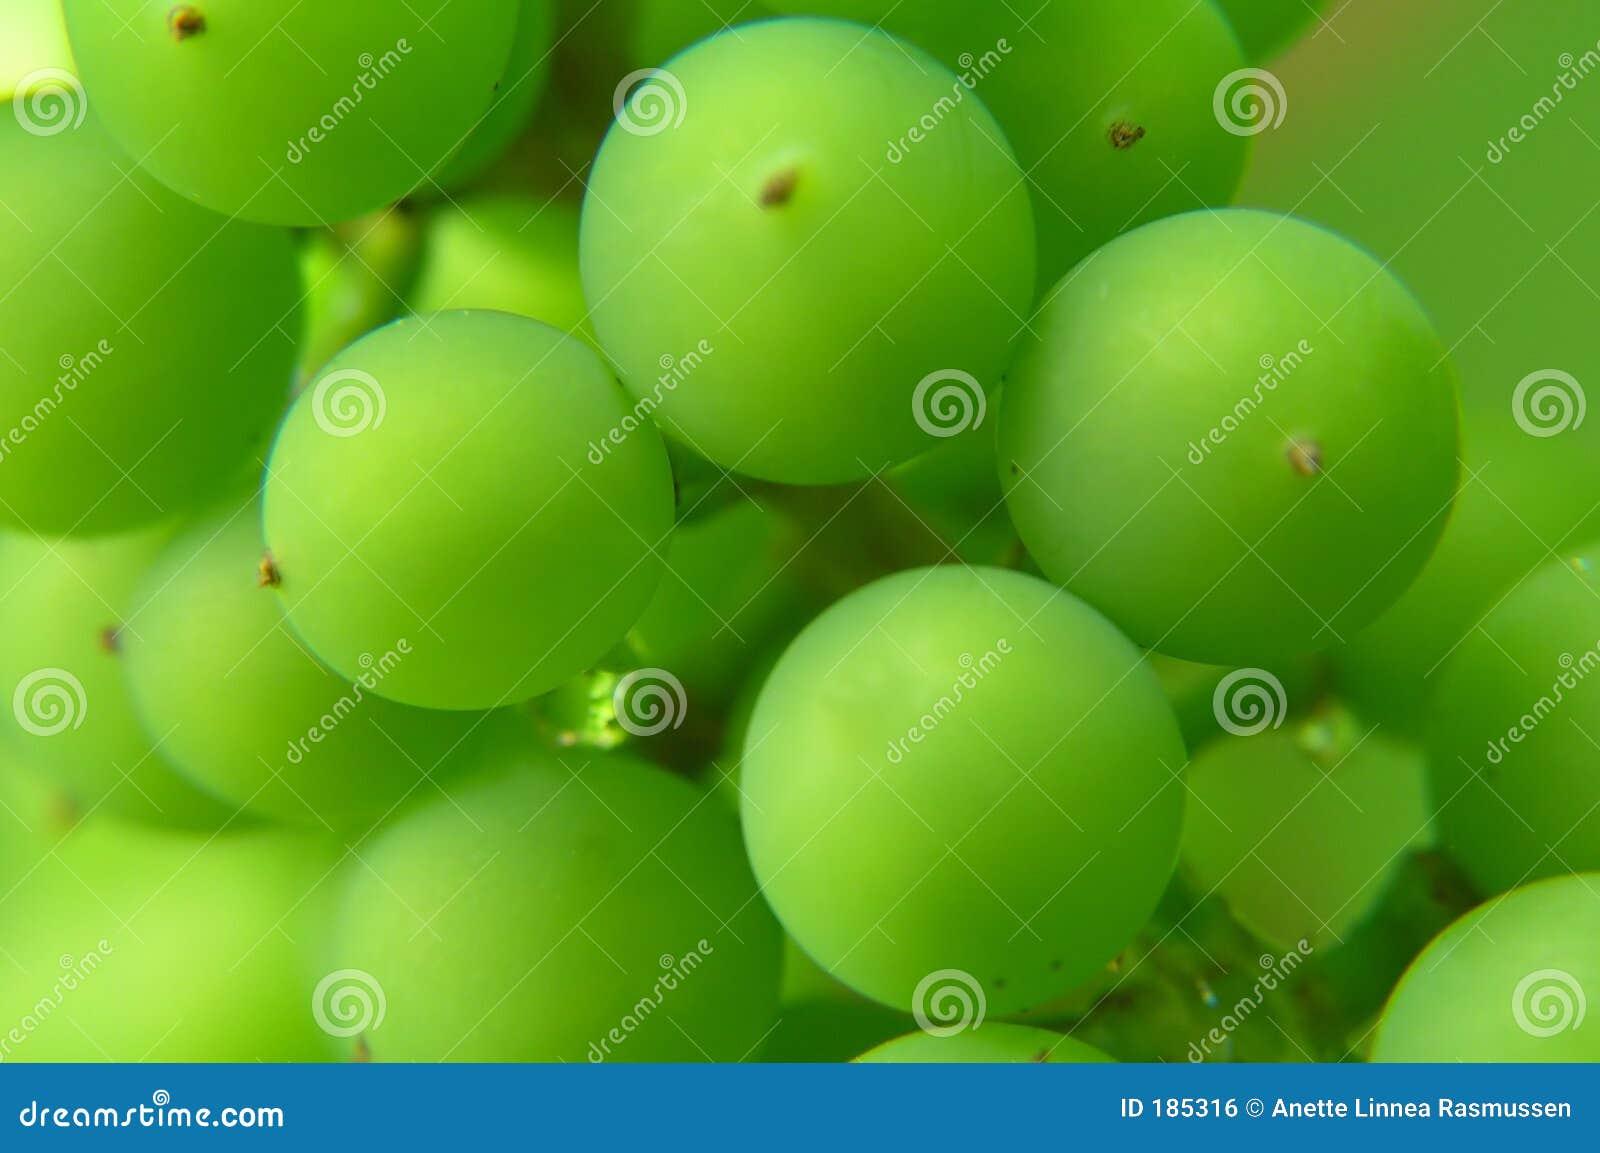 Download 束葡萄绿色 库存照片. 图片 包括有 庭院, 水多, 热带, 麝香葡萄, 绿色, 新鲜, 夏天, 曲线, 圈子 - 185316